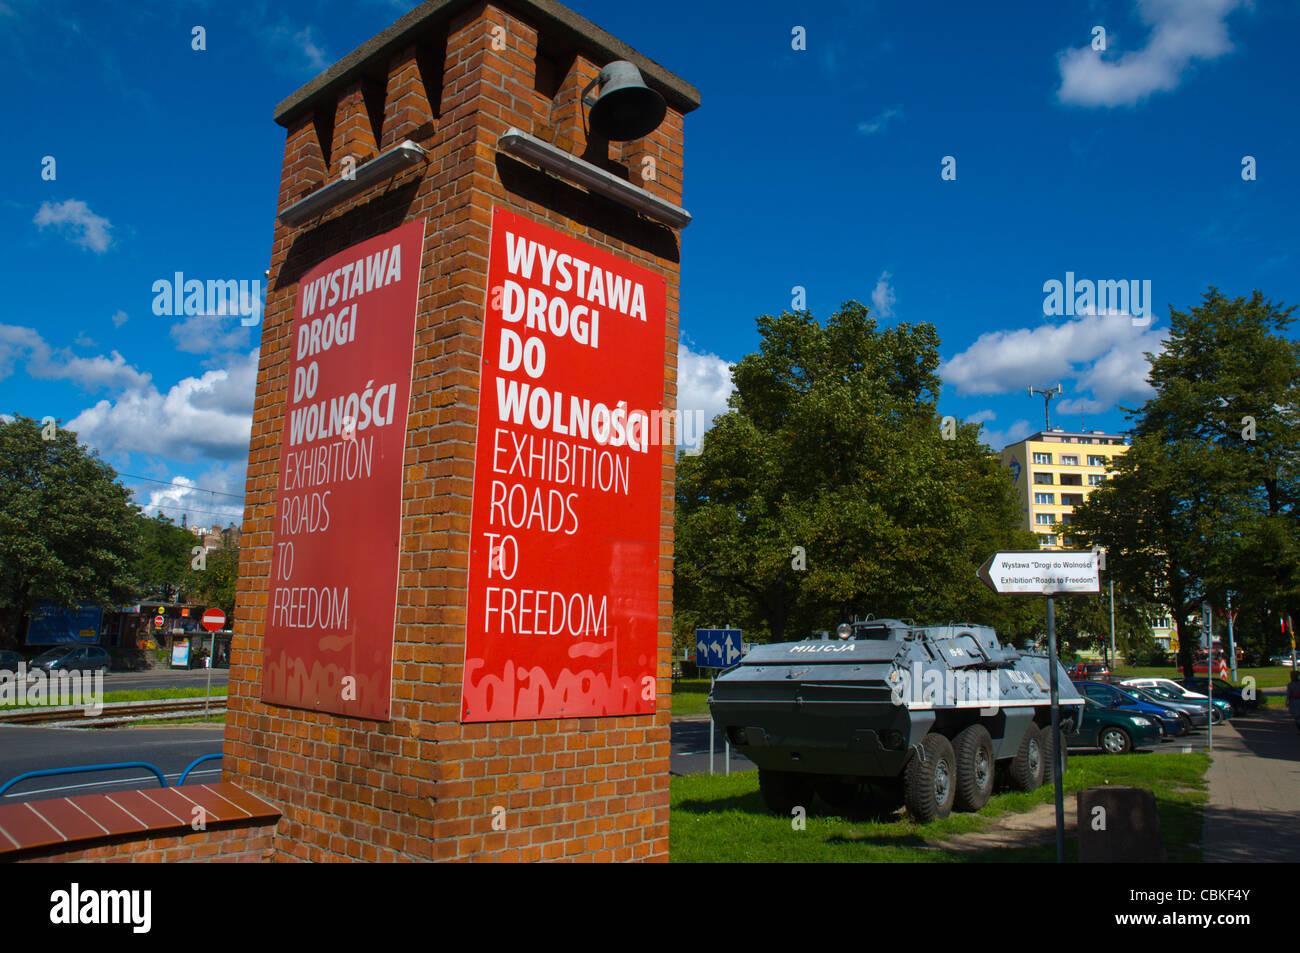 Le strade per la libertà esposizione esterna Pomeriania Danzica Polonia settentrionale Europa Immagini Stock